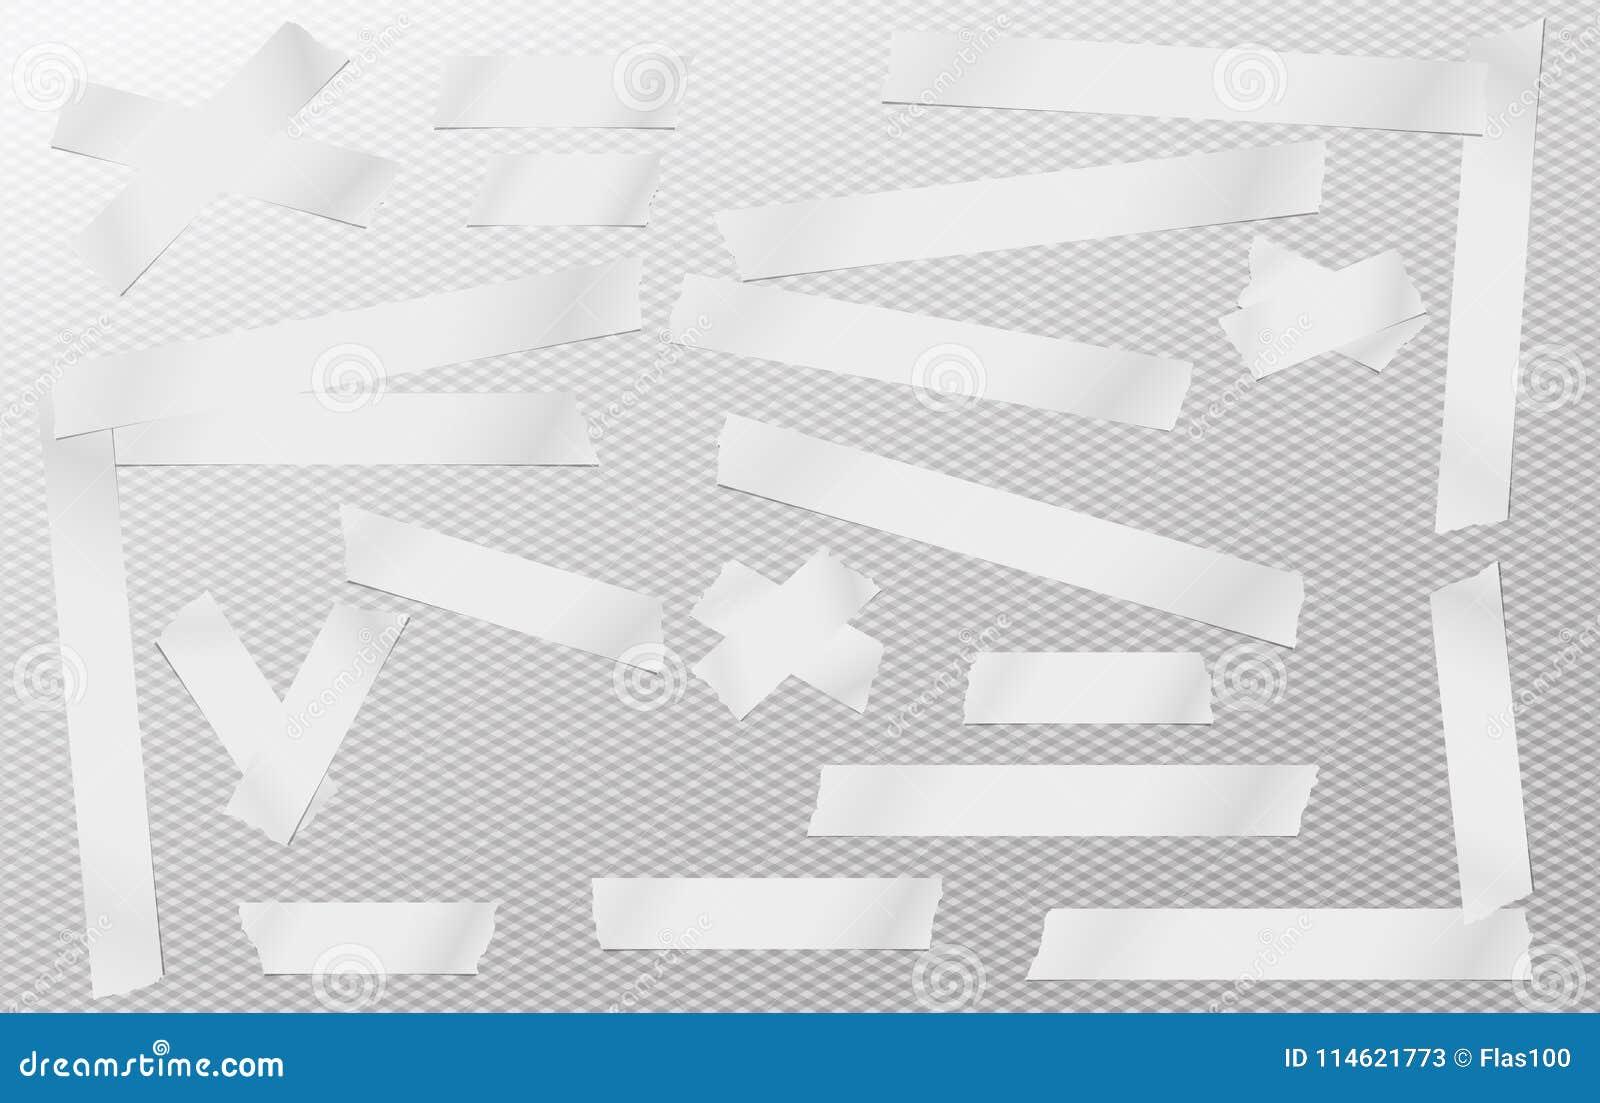 L adesivo bianco, appiccicoso, mascherante, nastro di condotta, strisce di carta collega per testo su fondo quadrato grigio